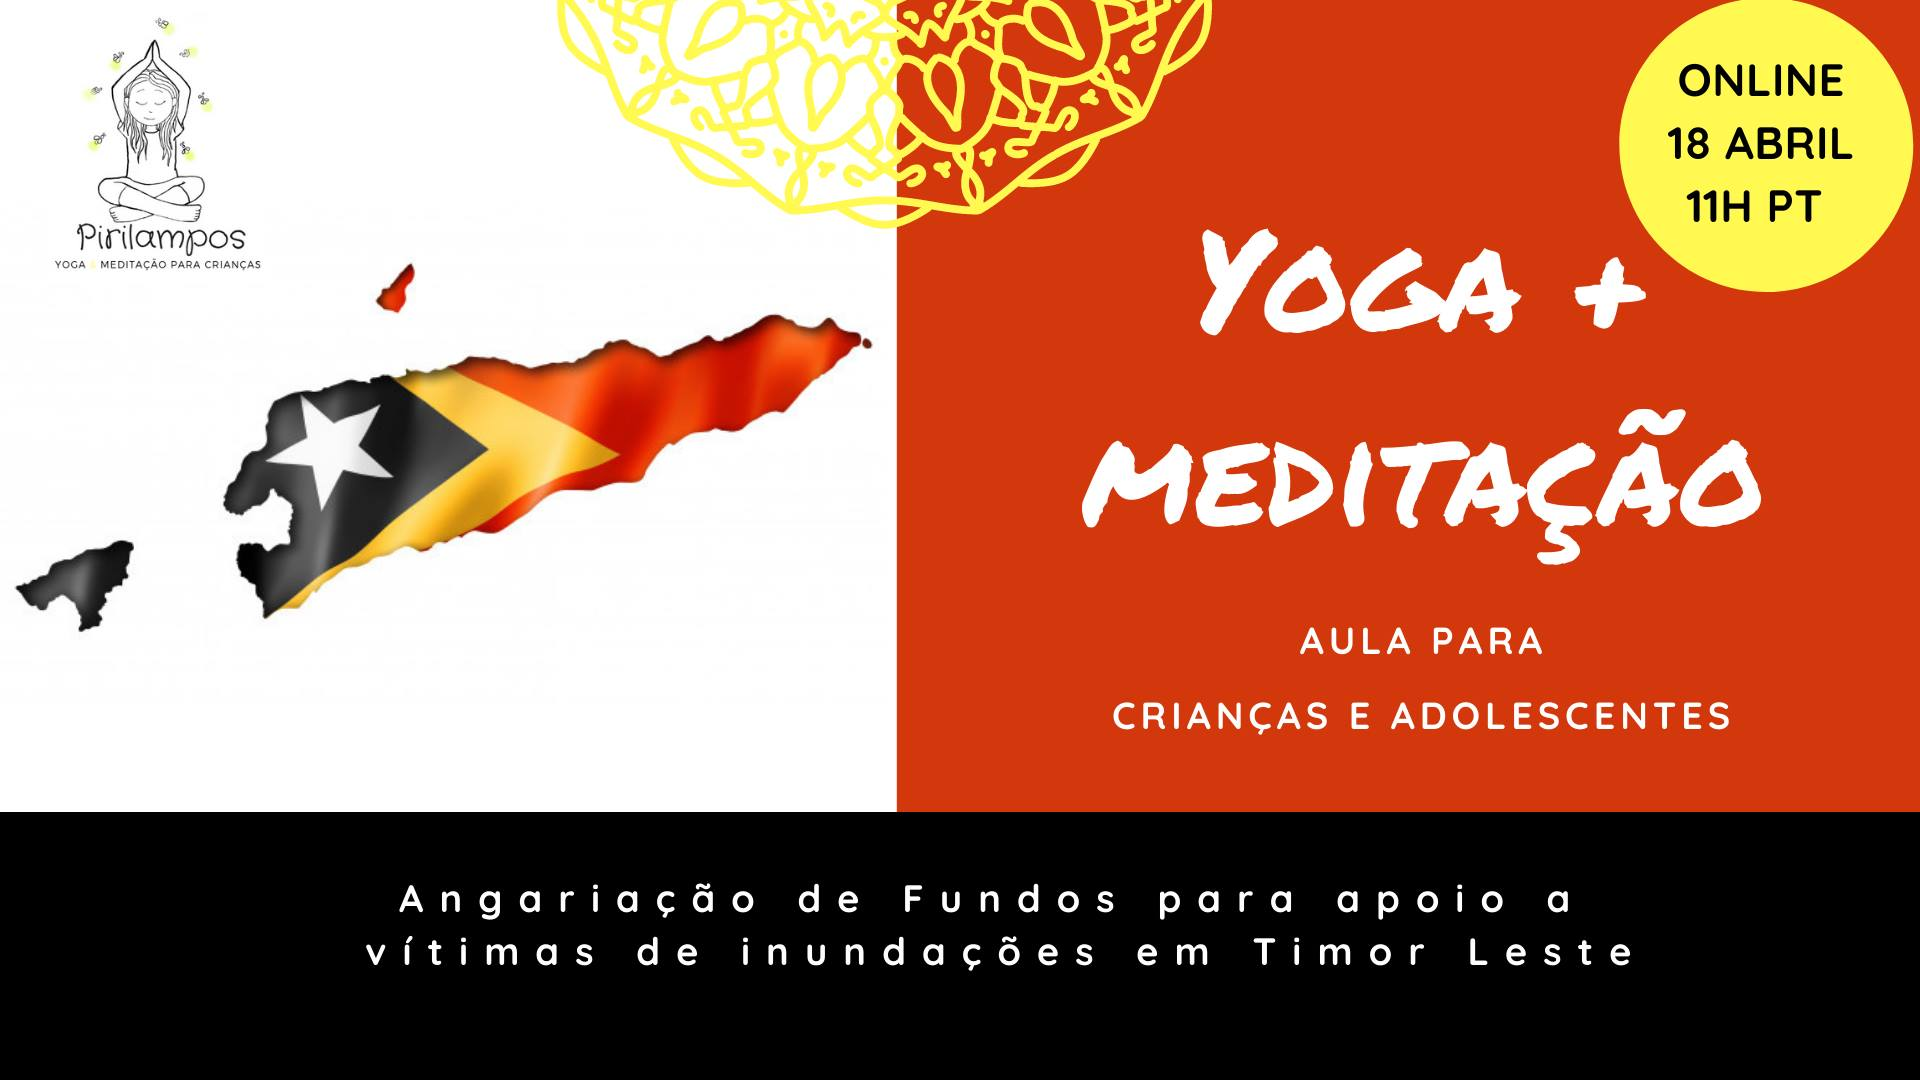 Yoga e Meditação para Jovens-Angariação de Fundos para apoio a vítimas de inundações em Timor Leste